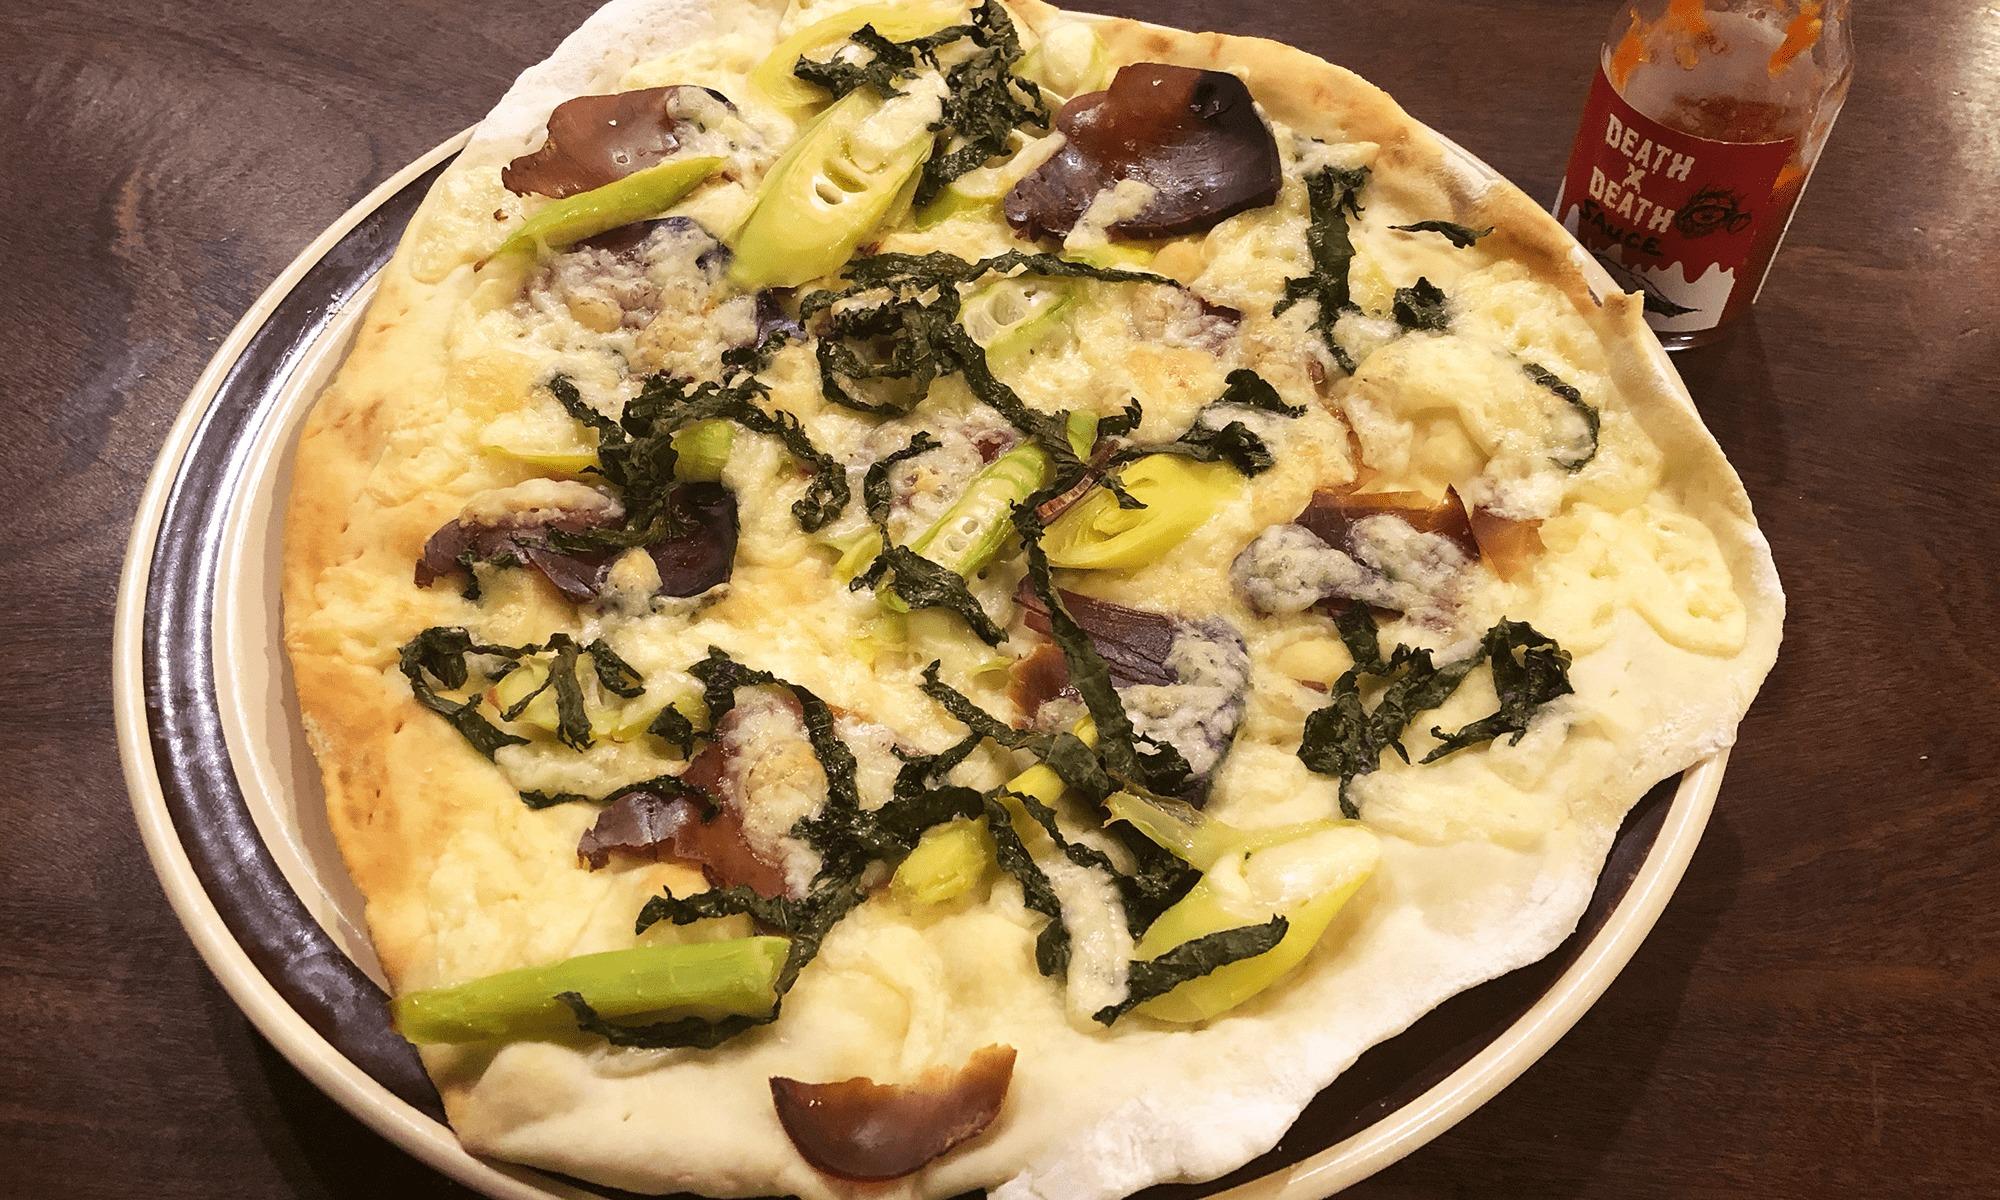 端午ピザ「端午の節句」